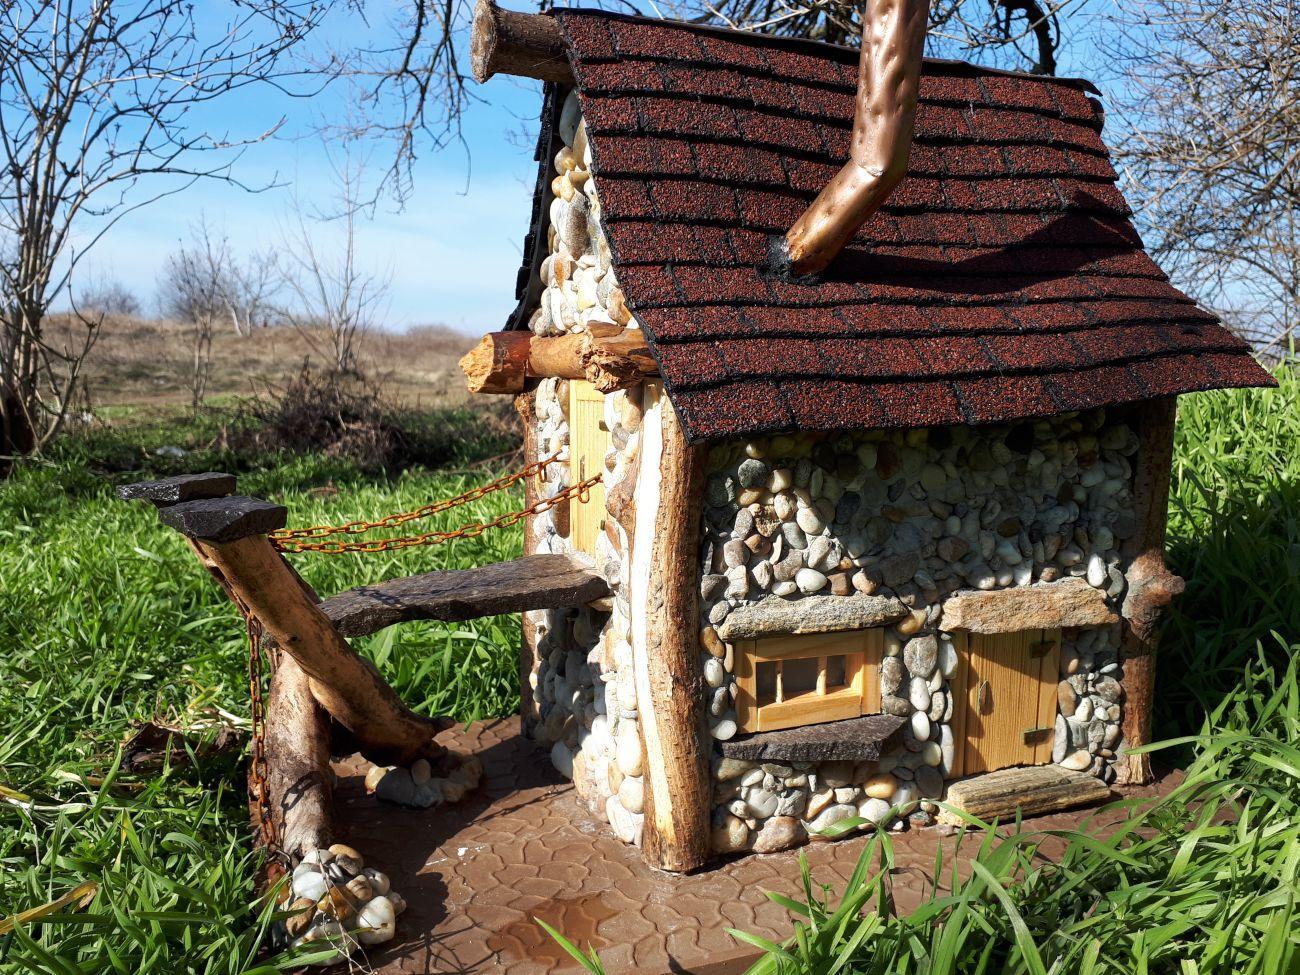 Mini domček Becrux - Obrázok č. 1